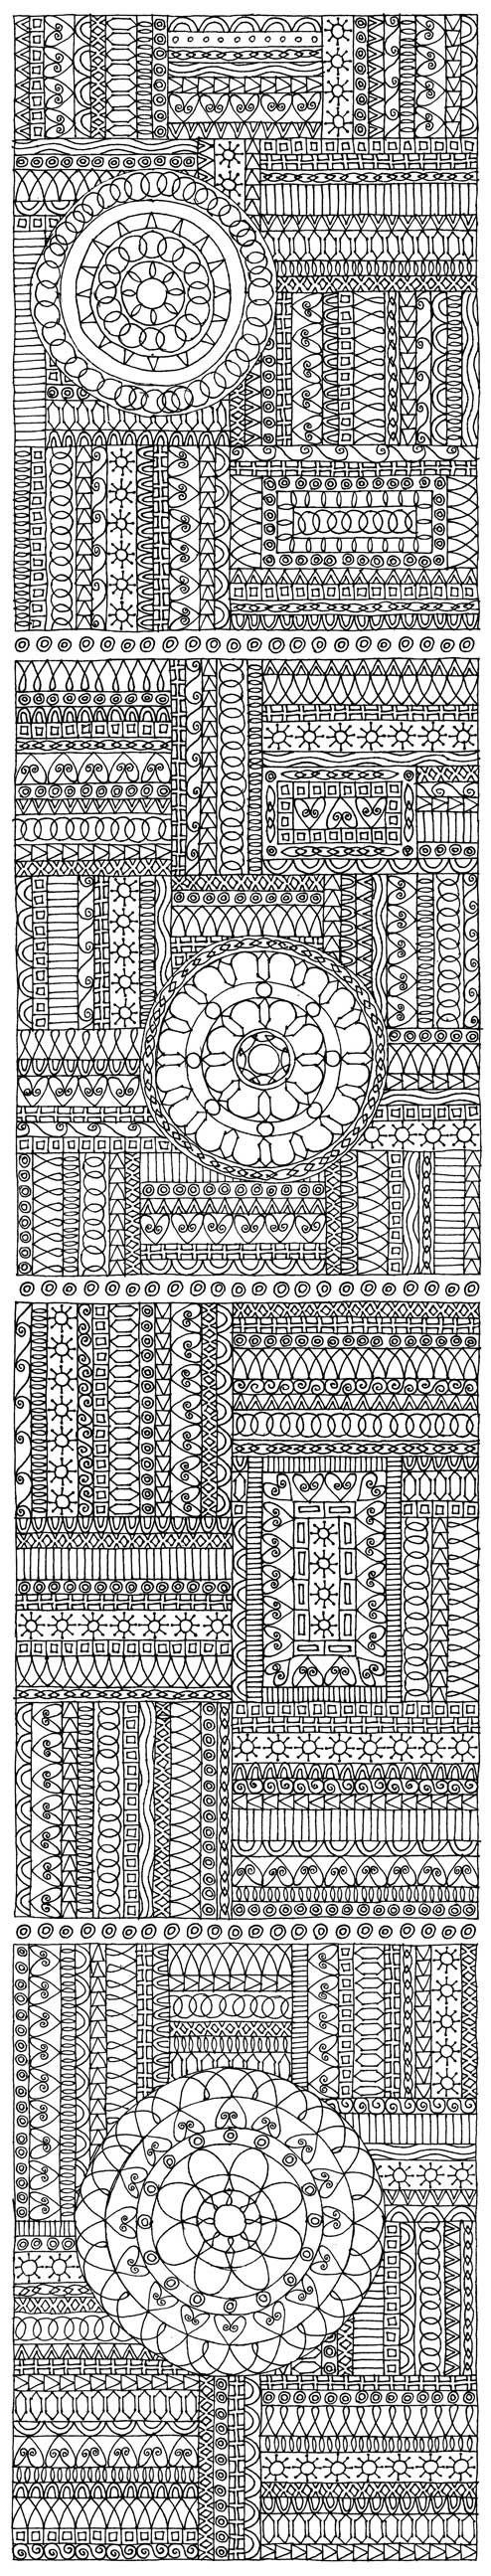 Doodle272